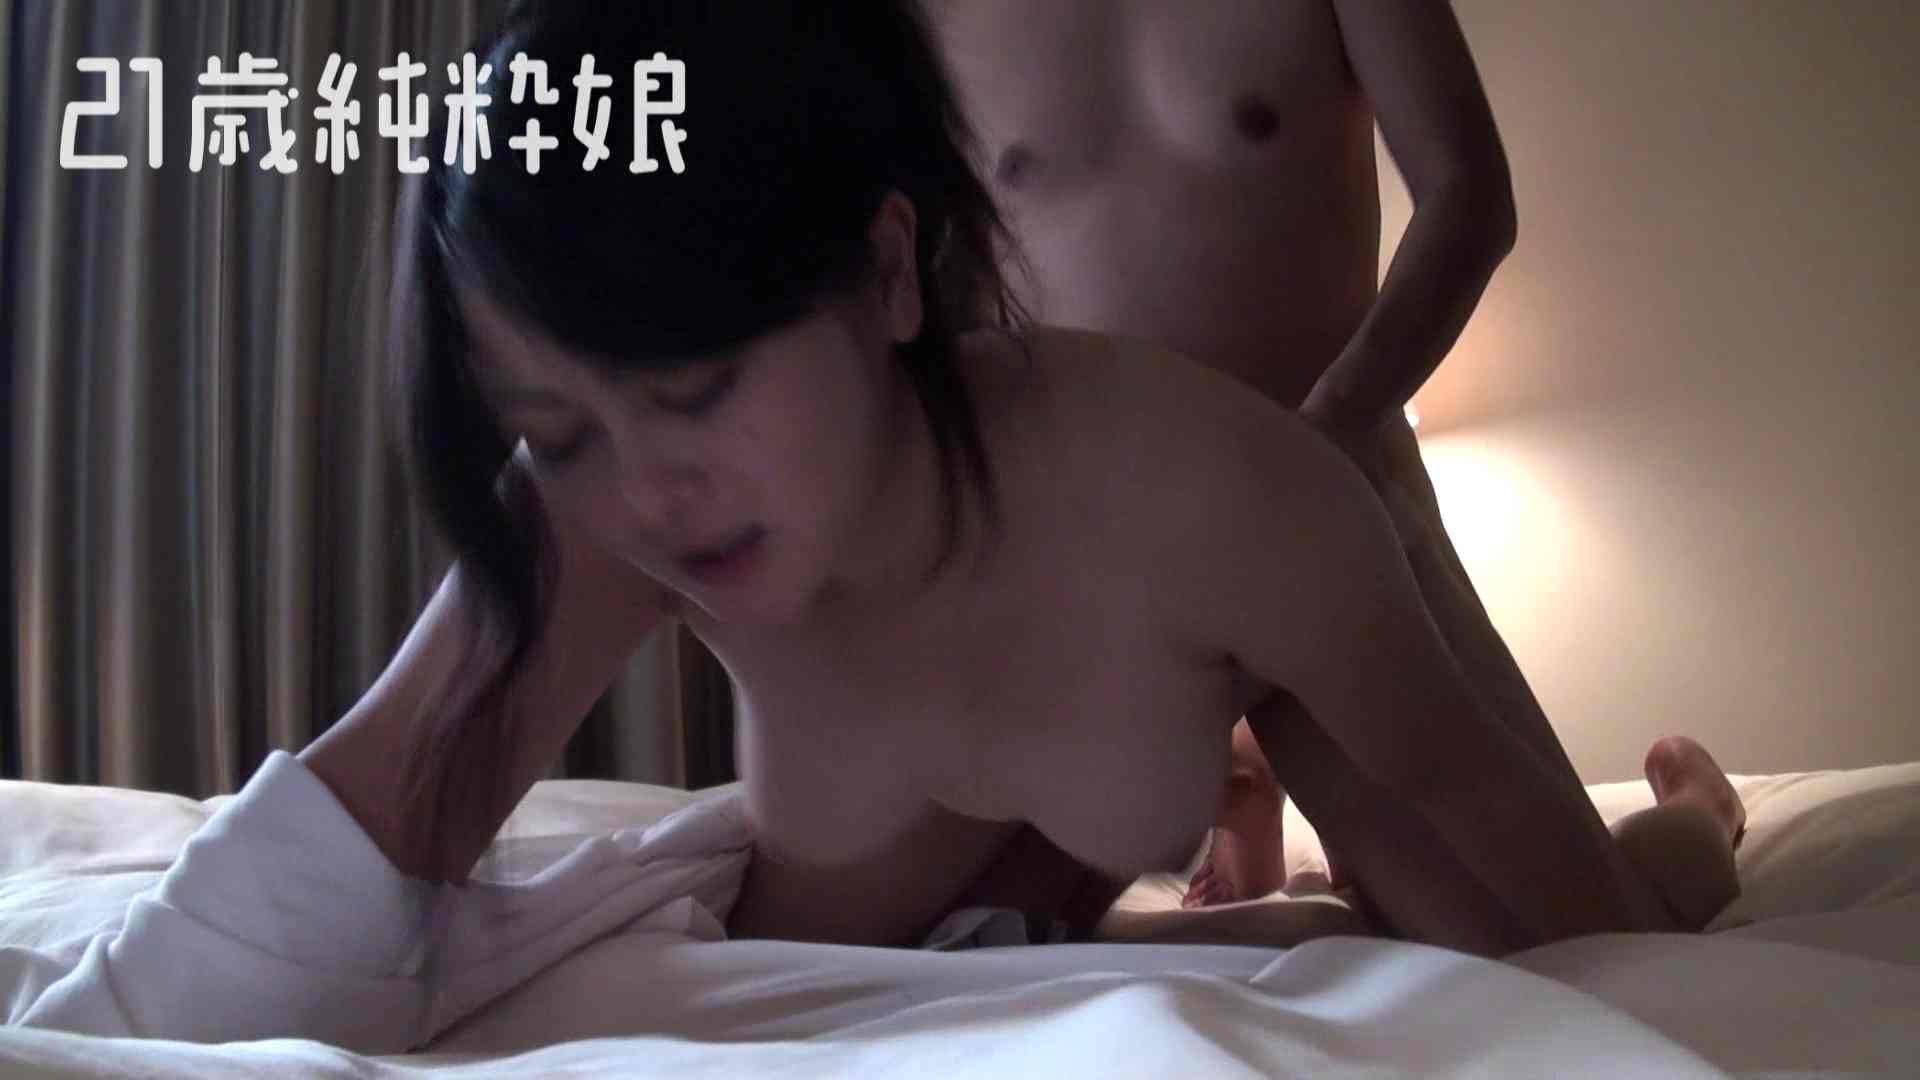 上京したばかりのGカップ21歳純粋嬢を都合の良い女にしてみた2 SEX映像  70pic 64